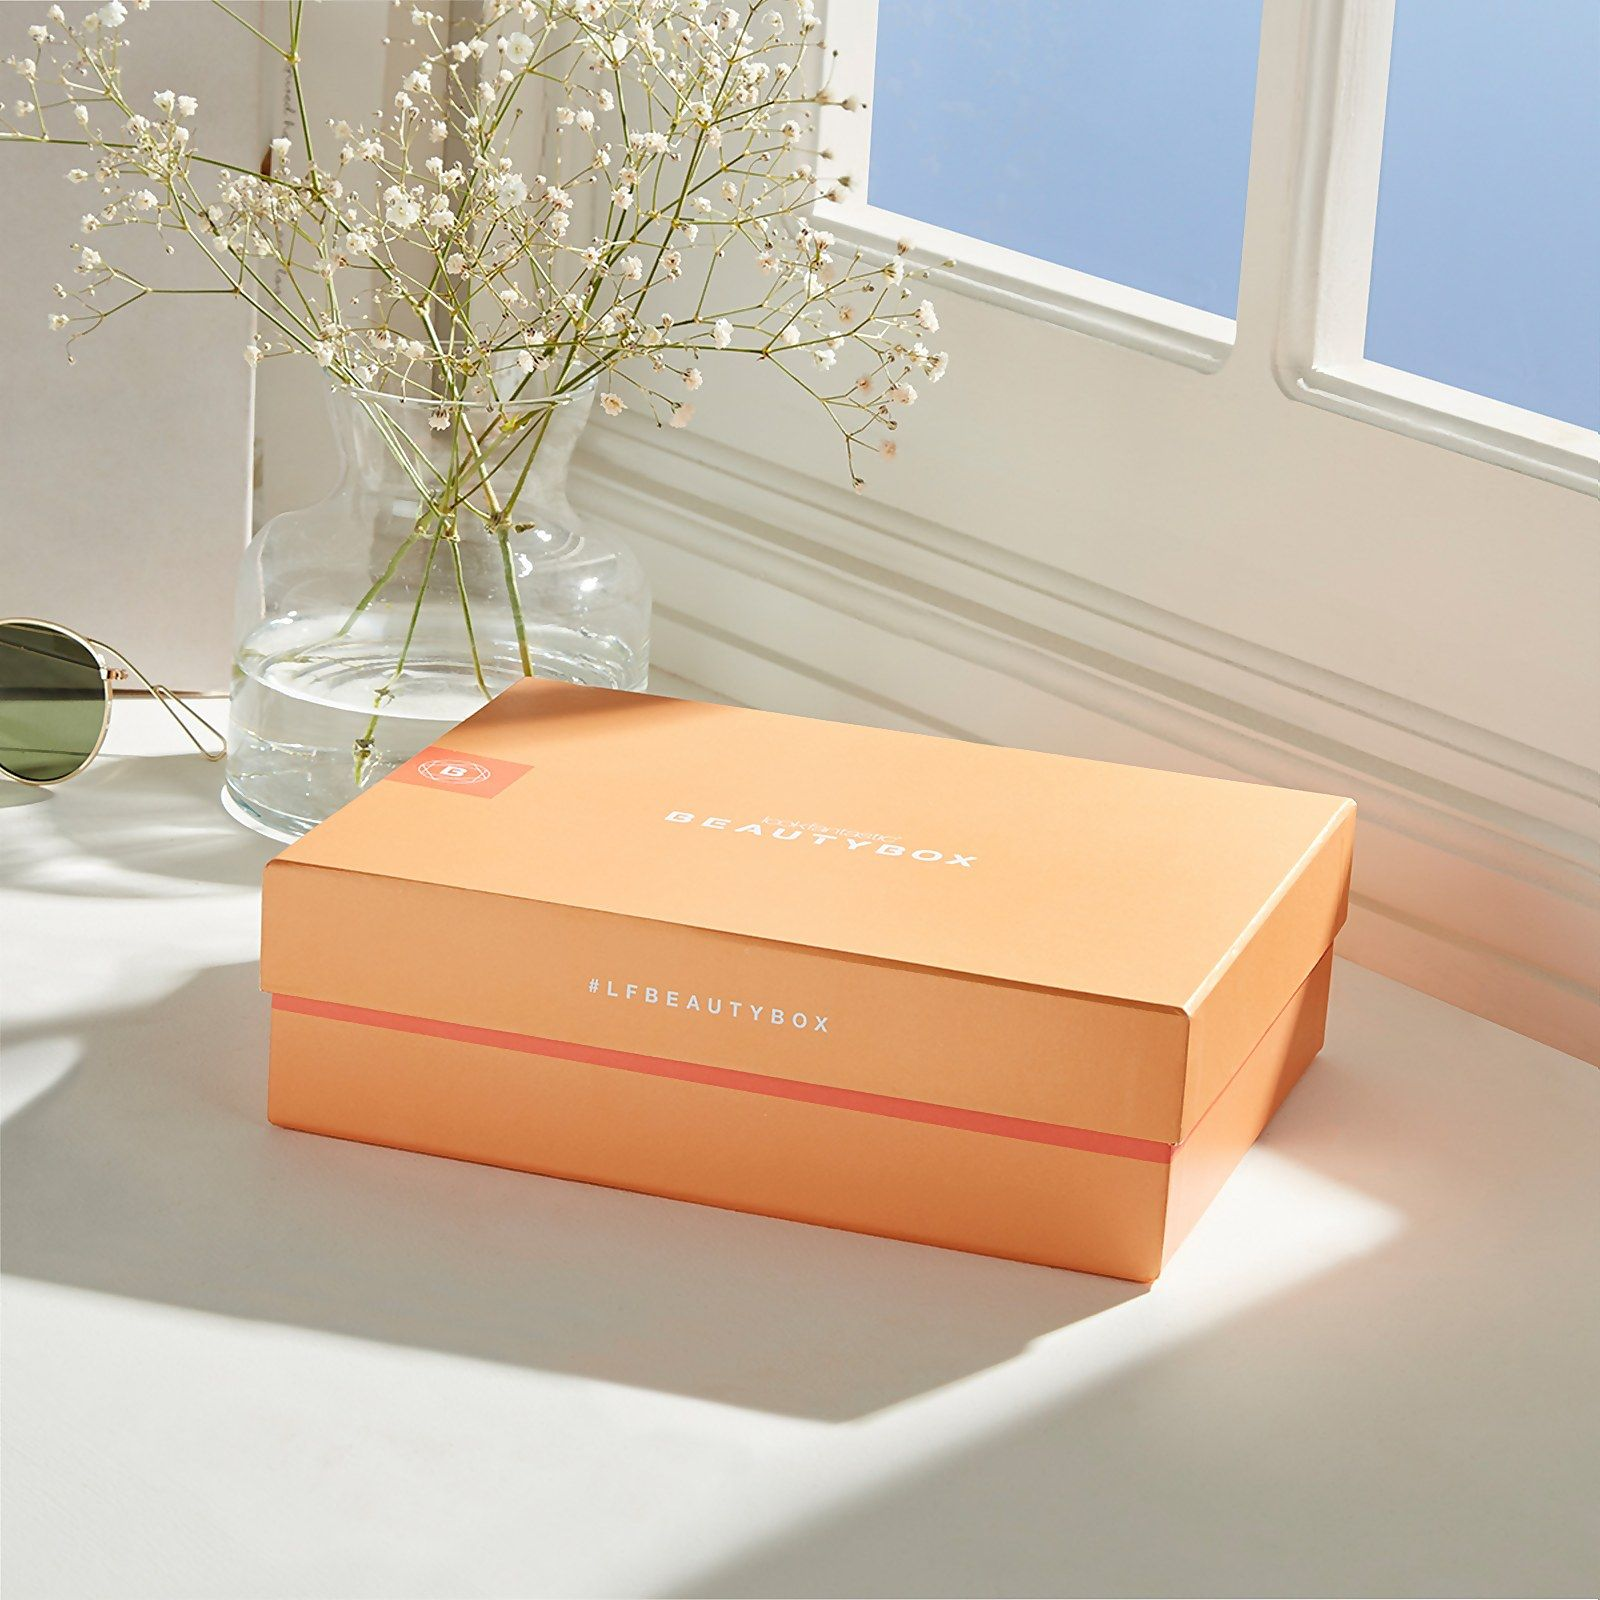 La Beauty Box: comment ça marche?